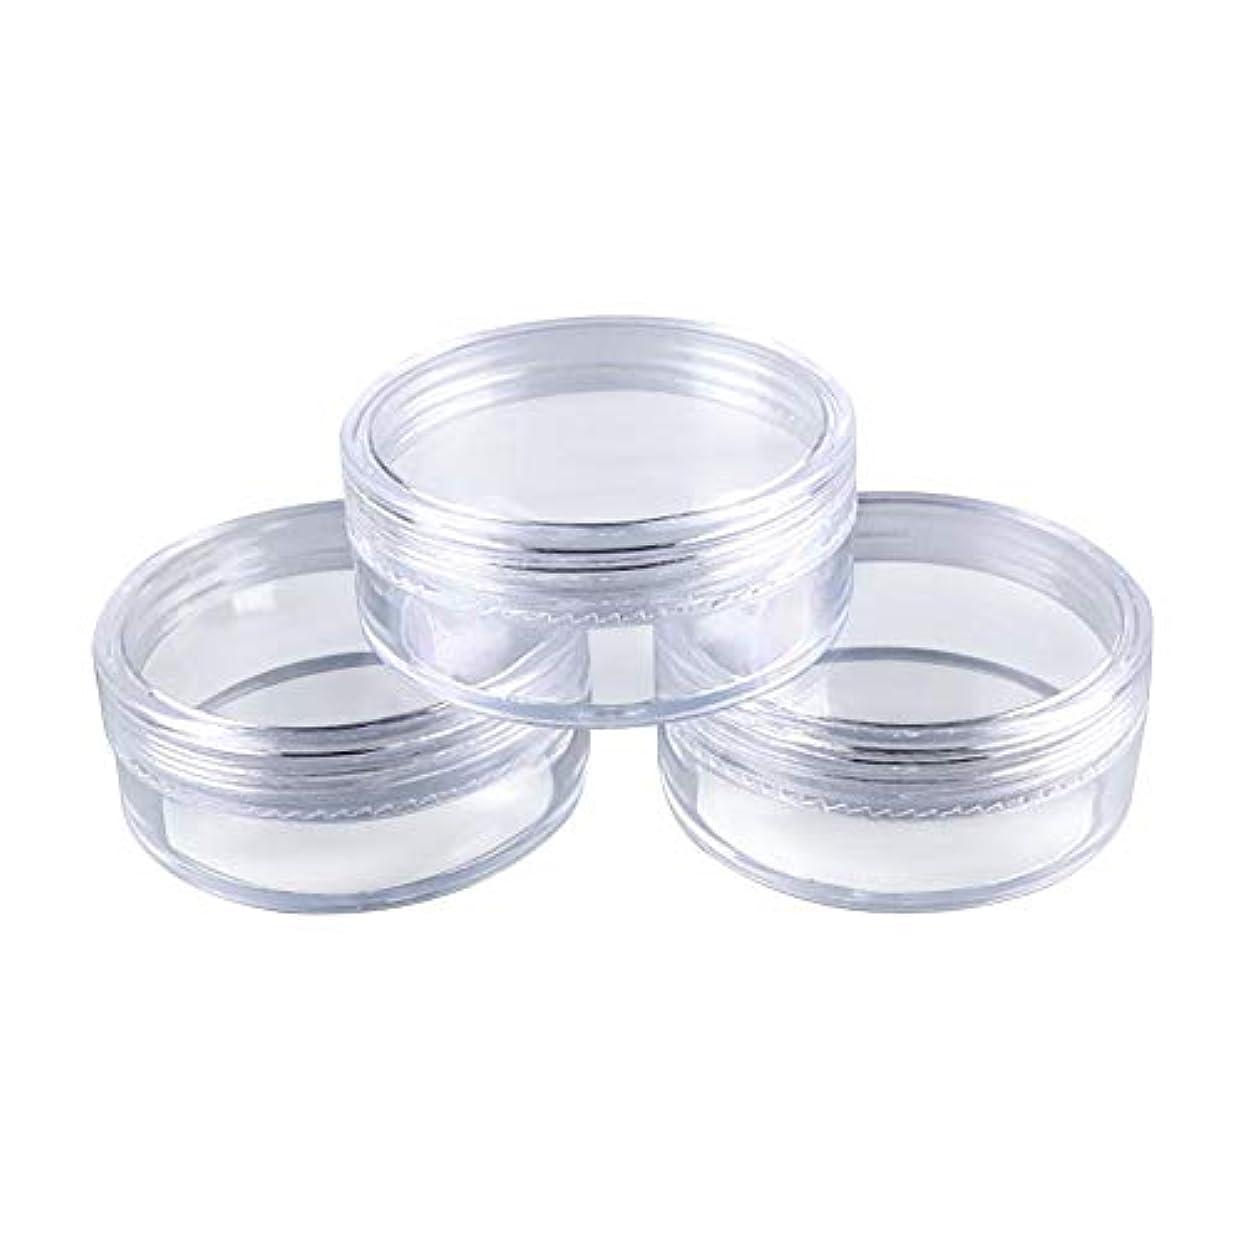 トラベルボトル 小分け容器 50個セット 5ml プラスチック缶 詰め替え容器 クリームケース 化粧品 クリーム 小物用 収納ボックス 化粧品サブボトリング 透明カラージャー